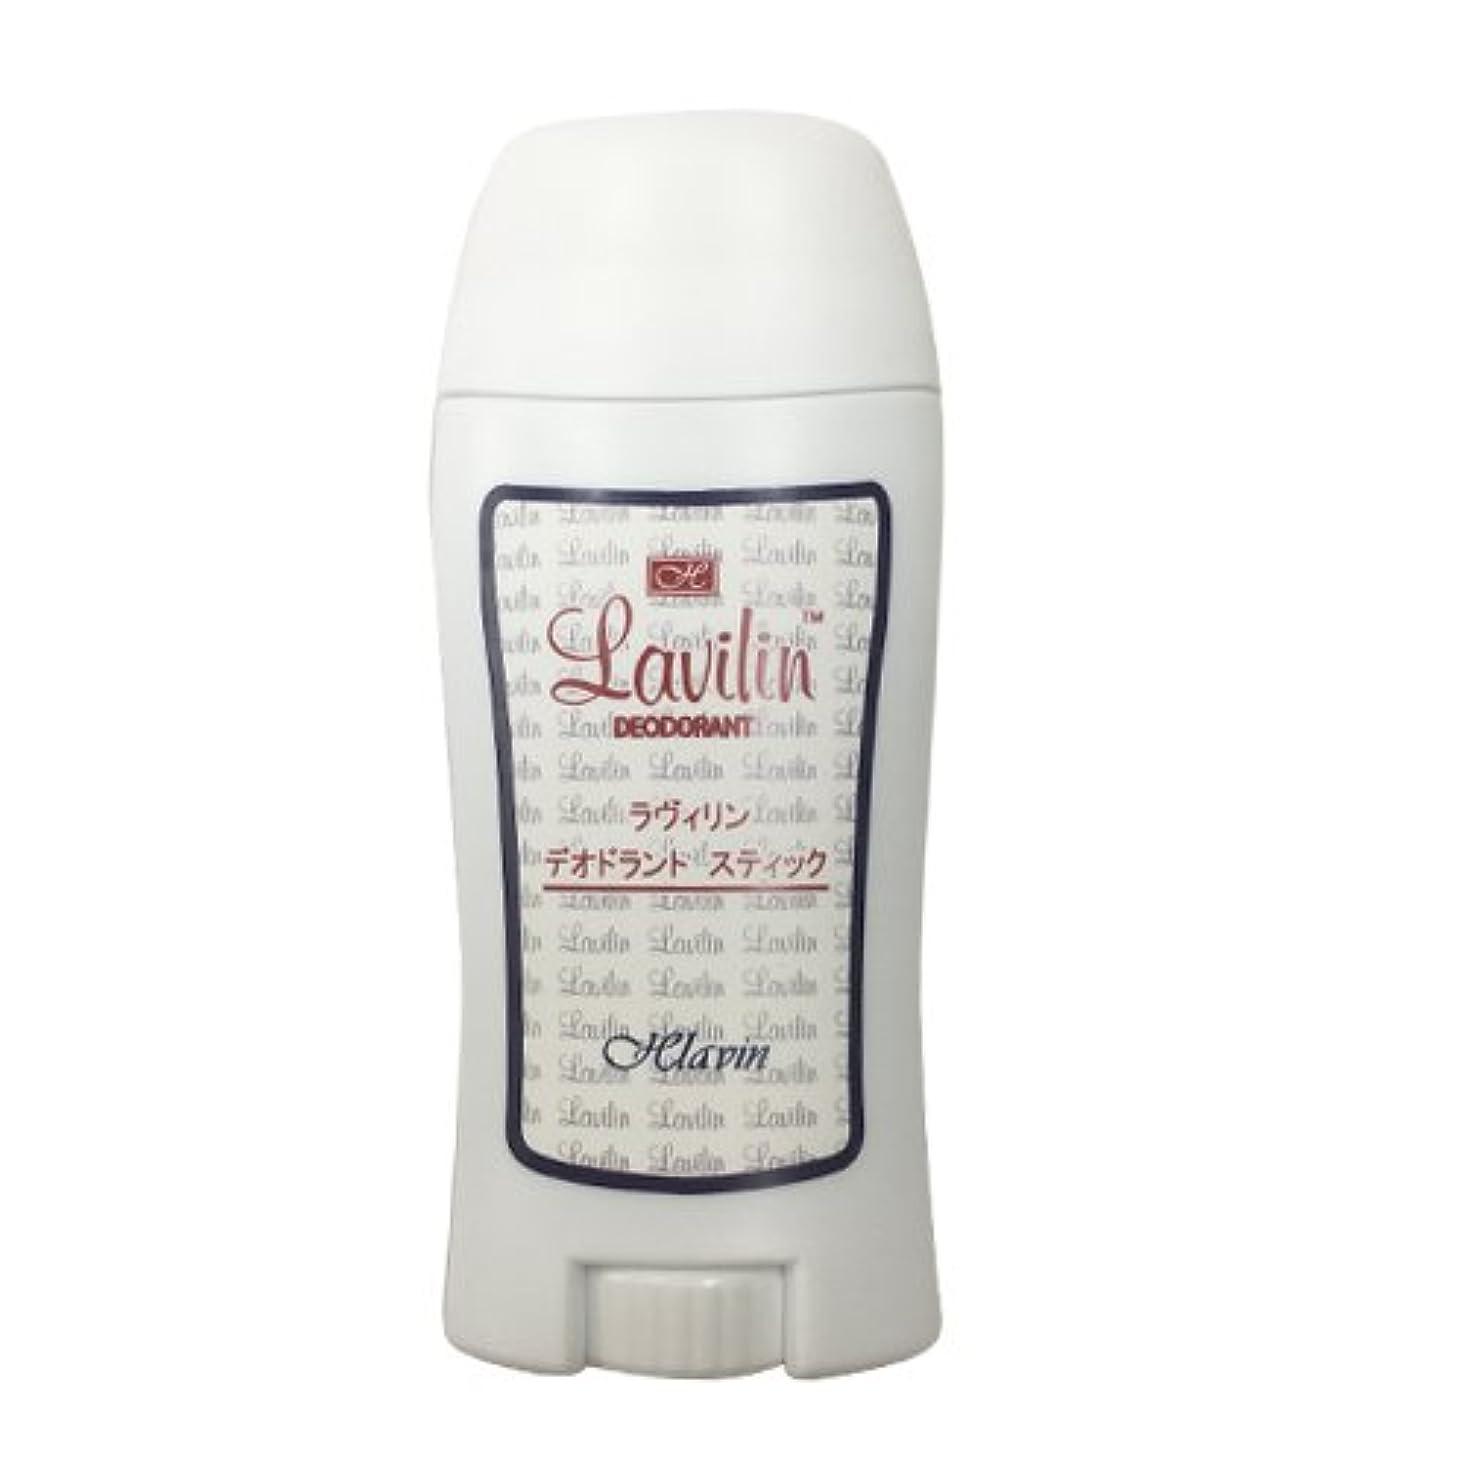 靴下策定する昼間ラヴィリン デオドラント スティック (Lavilin deodorant stick) 60ml